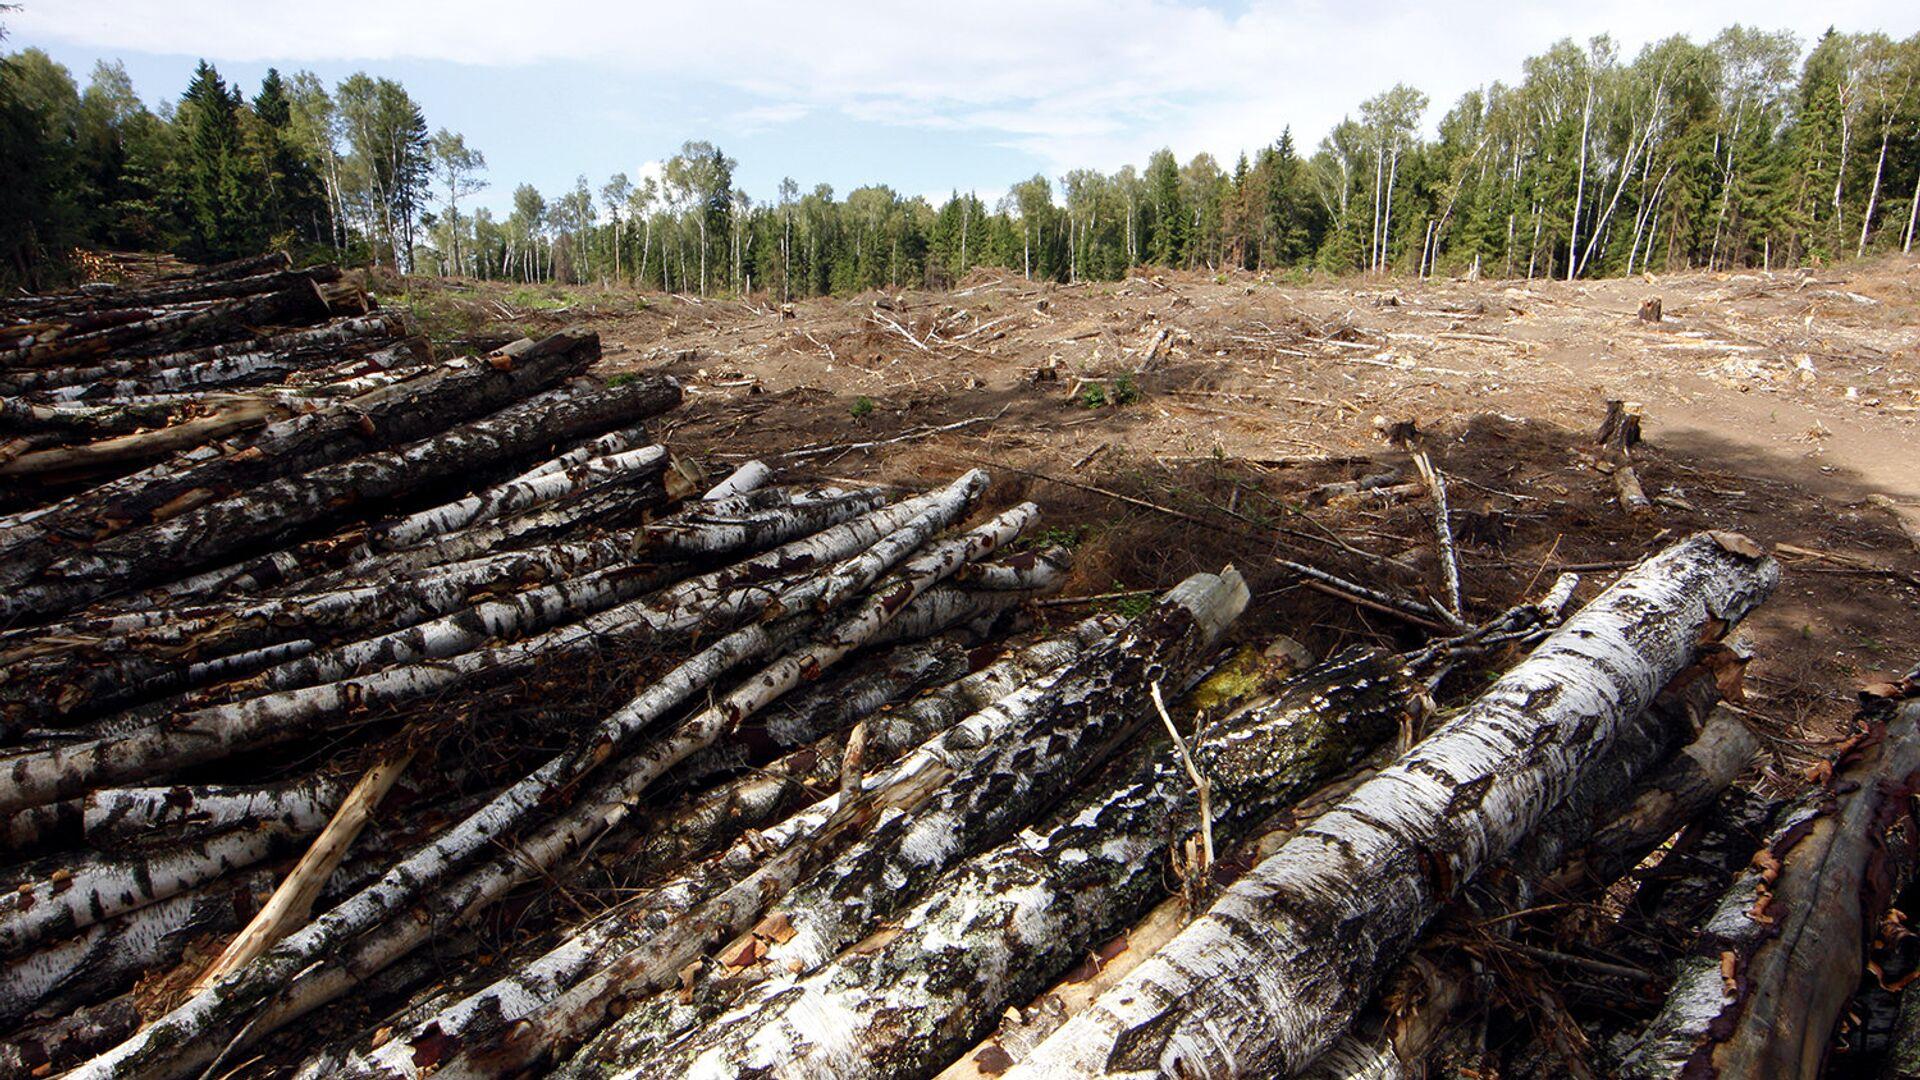 В Иркутской области запустили систему для борьбы с незаконными рубками леса - РИА Новости, 1920, 13.07.2020